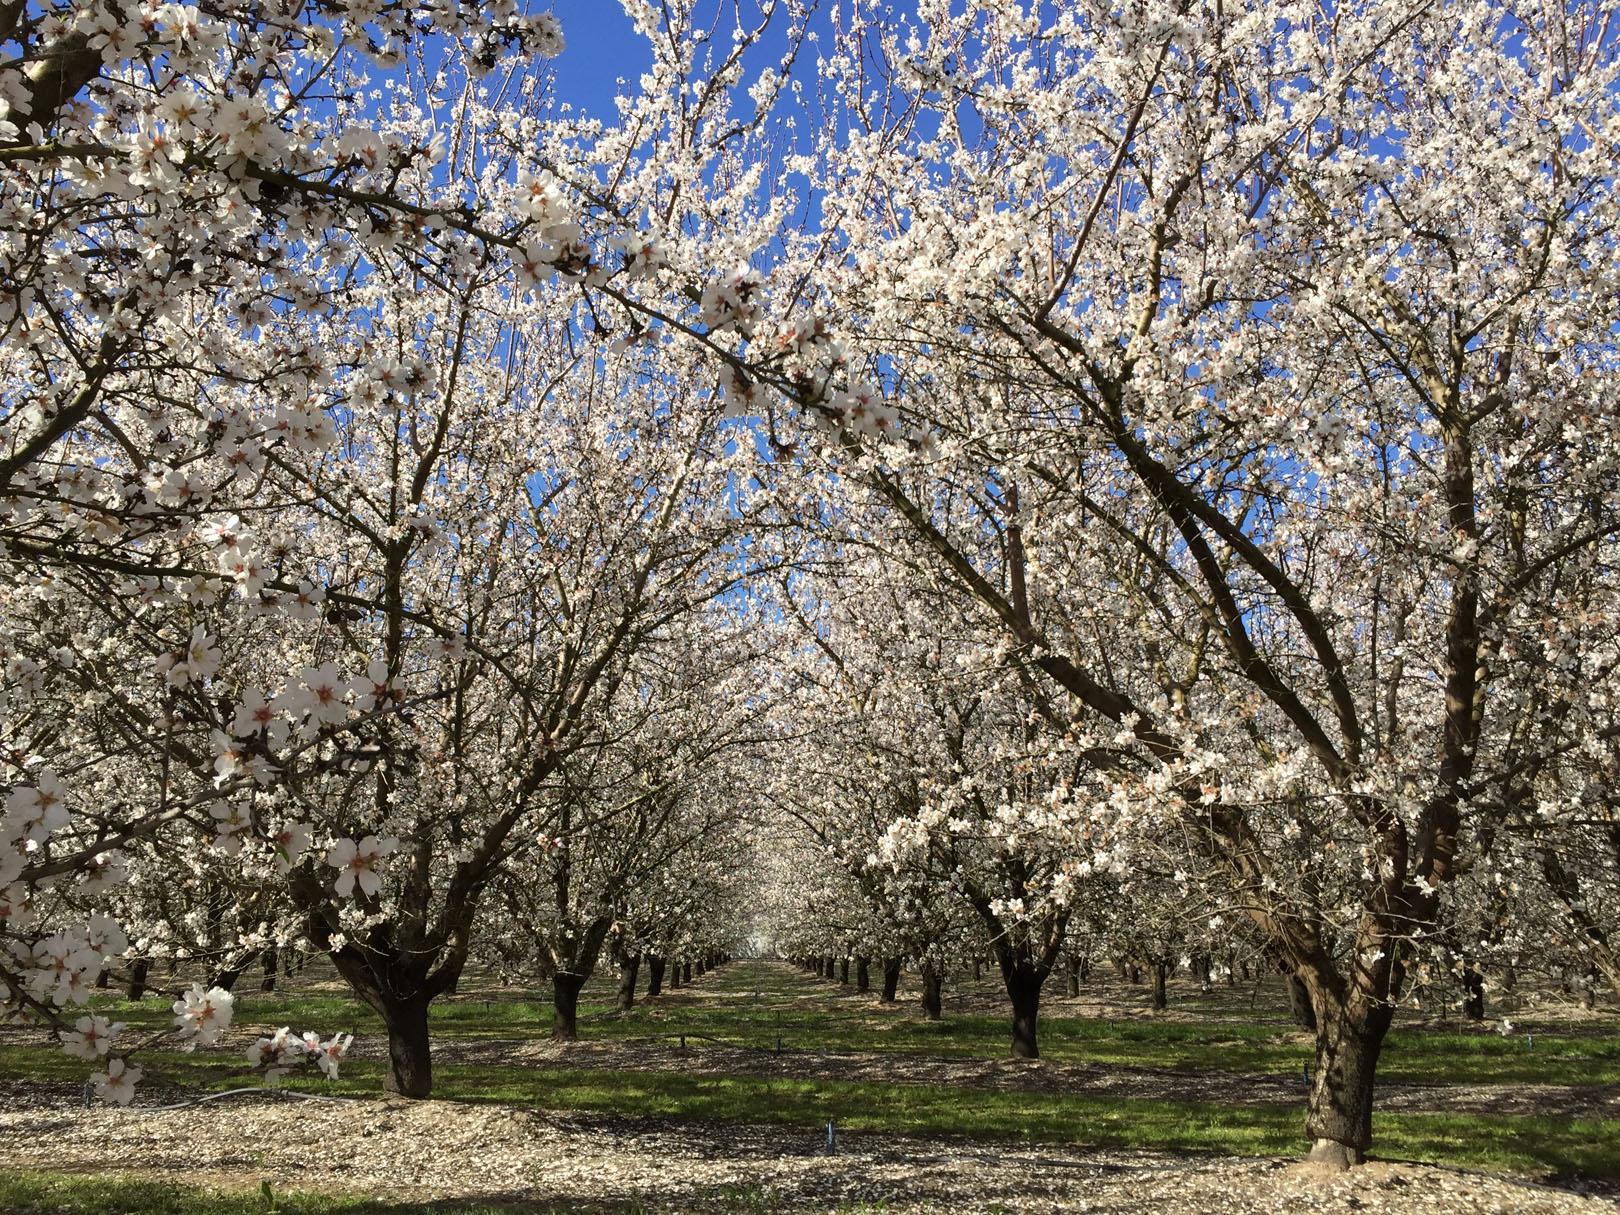 Almond blossoms in Modesto, California